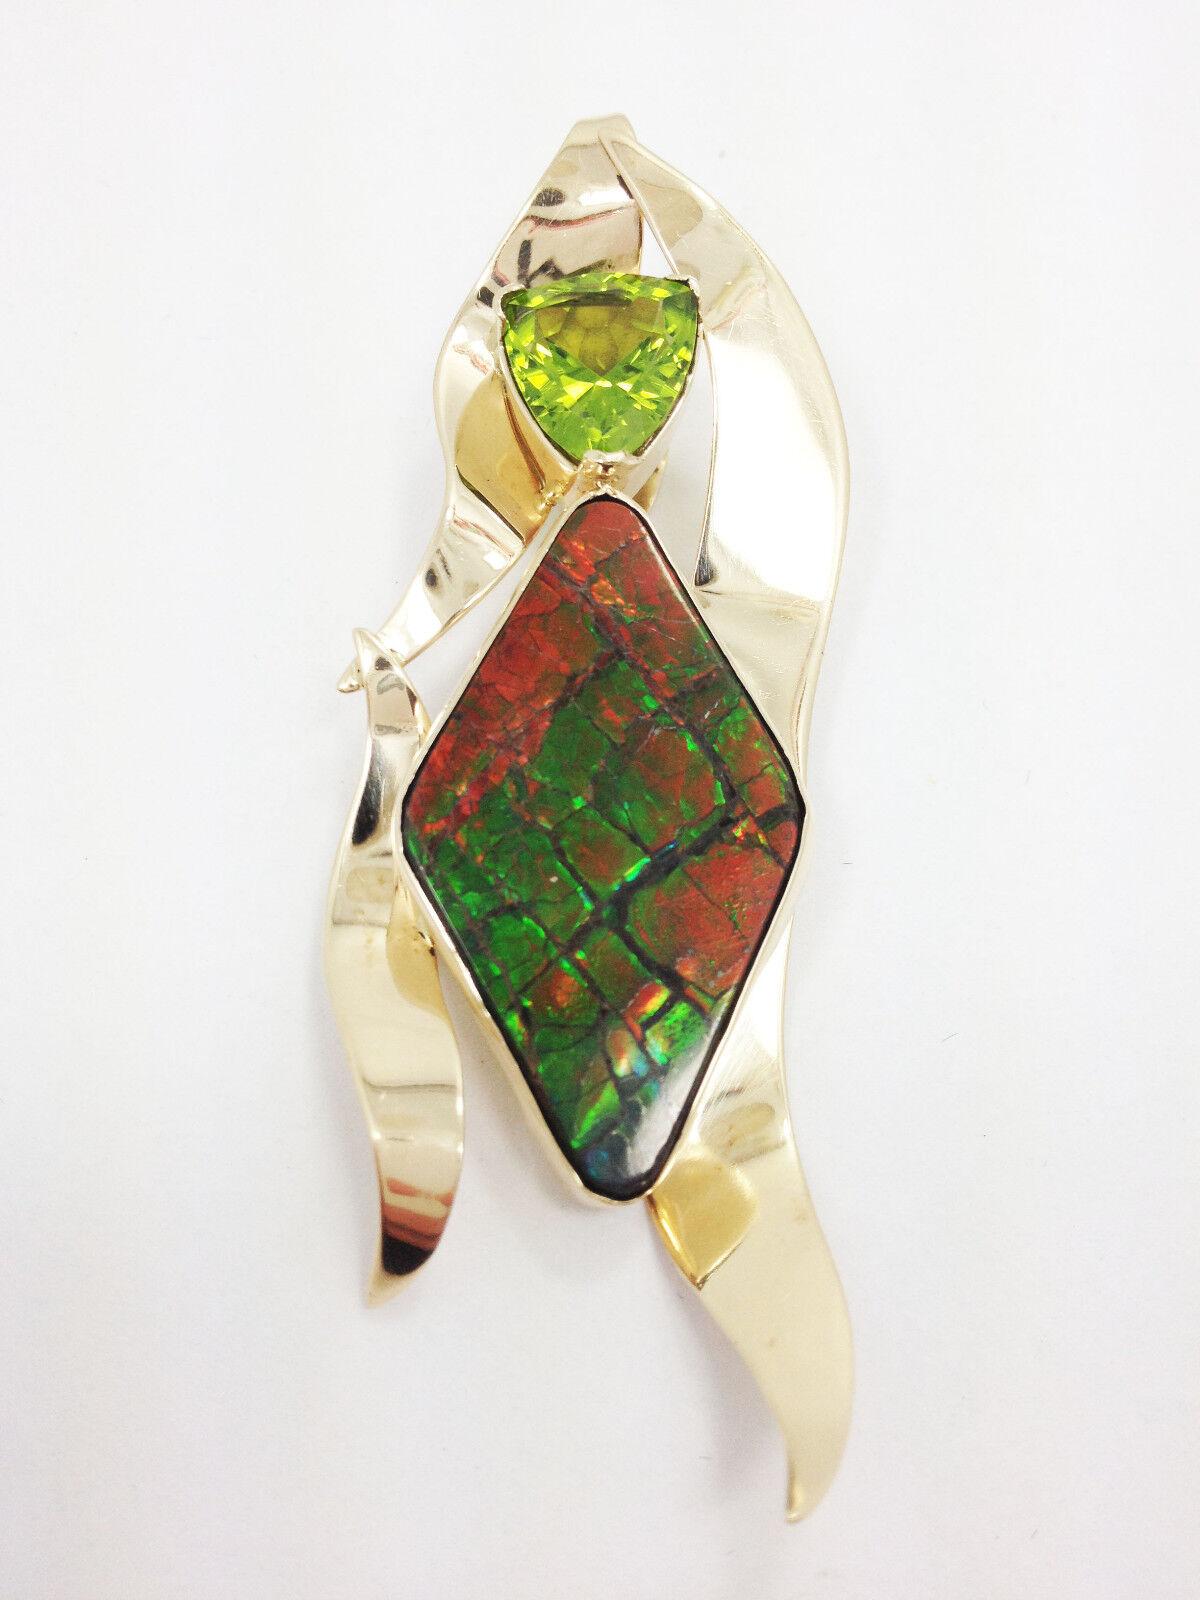 Gorgeous 14kt Wayne B. Light Ammolite and Peridot Pendant